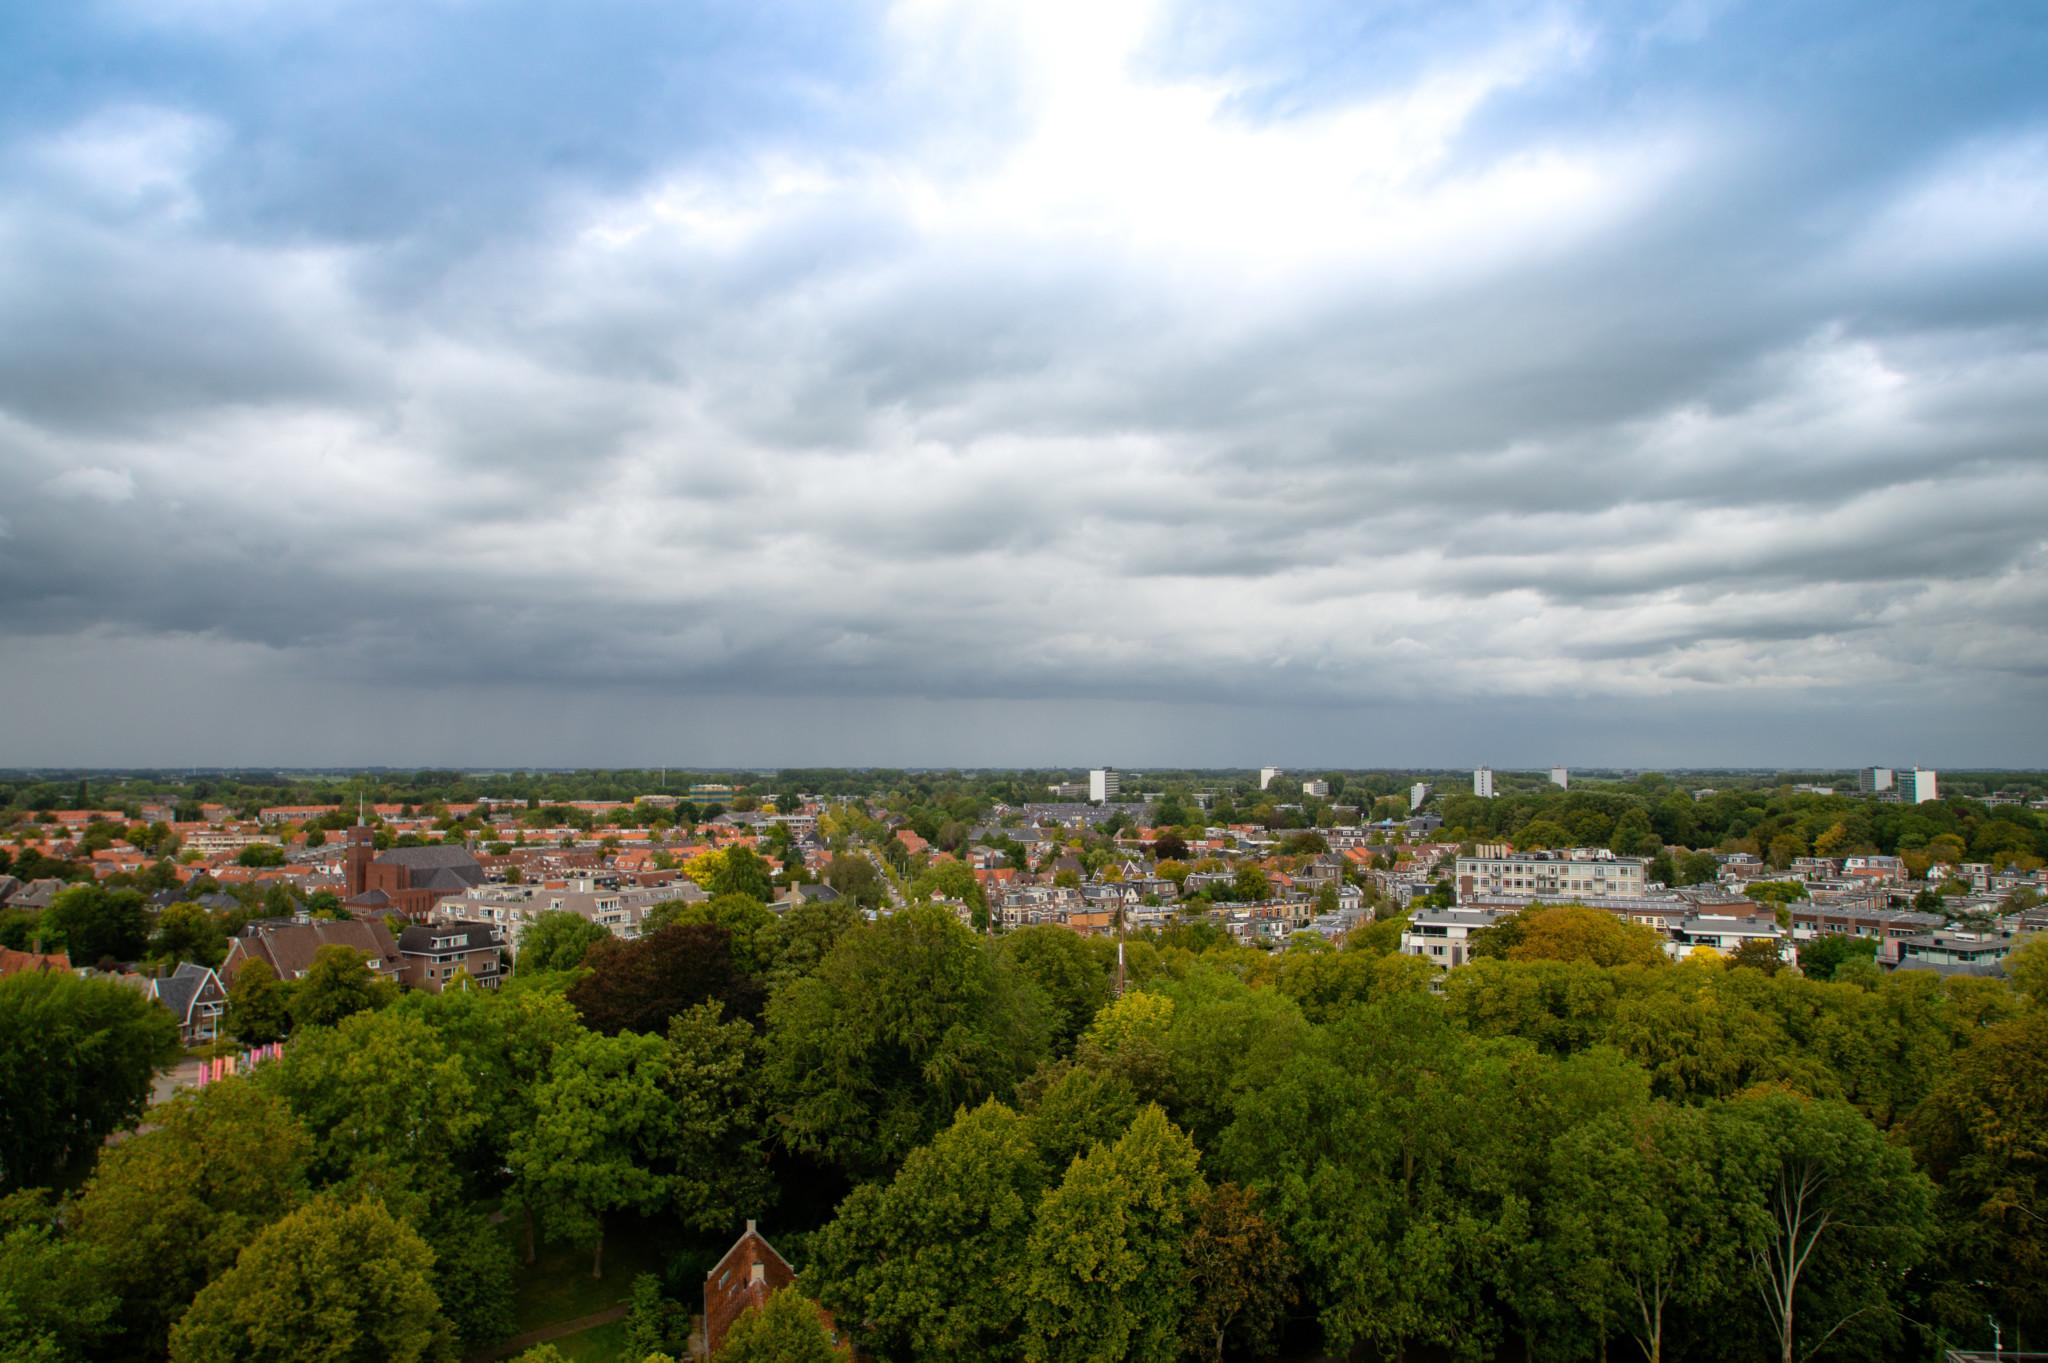 Ausblick über die Landschaft rund um Leeuwarden